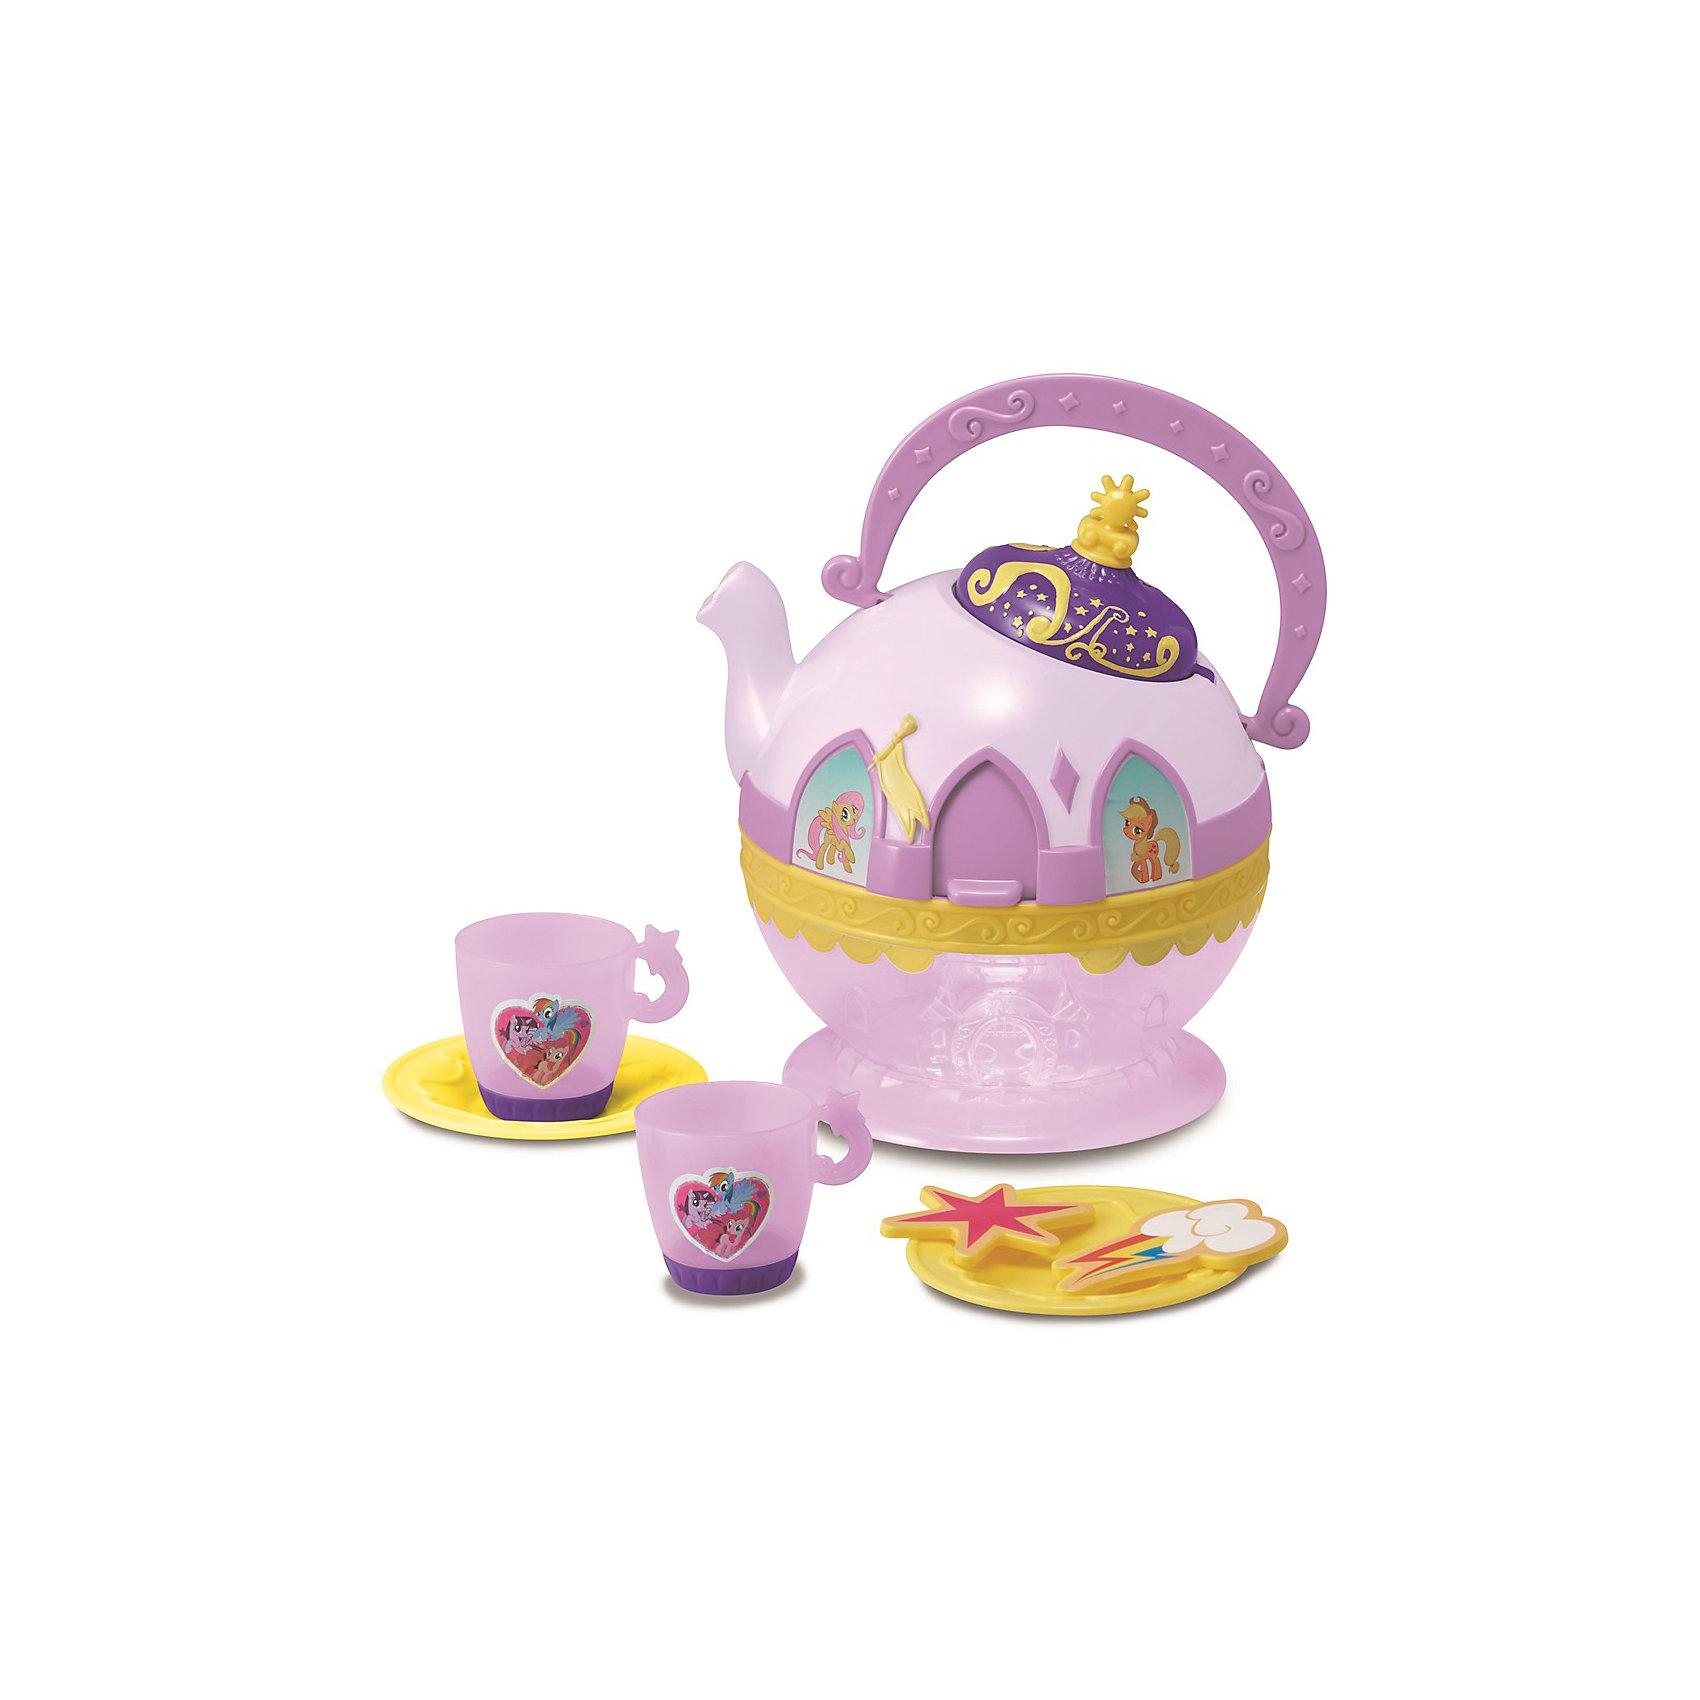 Набор посудки My Little Pony, HTIПосуда и аксессуары для детской кухни<br>Набор посудки My Little Pony (Май литл Пони), HTI.<br><br>Характеристика: <br><br>• Материал: пластик. <br>• Размер: 30x23x30 см. <br>• Комплектация: чайник, 2 чашки, 2 блюдца, аксессуары (2 шт). <br>• Звуковые эффекты.<br>• Элемент питания: 3 ААА батарейки (в комплекте). <br>• Яркий привлекательный дизайн. <br>• Чайник оформлен изображениями My Little Pony. <br><br>Красивая посудка - то что нужно любой маленькой хозяйке! Оригинальный чайный сервиз, оформленный изображениями My Little Pony (Моя маленькая Пони) таит в себе секрет: подними пластиковые шторки на окошках и слушай веселую мелодию. Все детали набора выполнены из высококачественного гипоаллергенного пластика безопасного для детей. <br><br>Набор посудки My Little Pony (Май литл Пони), HTI, можно купить в нашем интернет-магазине.<br><br>Ширина мм: 278<br>Глубина мм: 301<br>Высота мм: 170<br>Вес г: 600<br>Возраст от месяцев: 36<br>Возраст до месяцев: 168<br>Пол: Женский<br>Возраст: Детский<br>SKU: 5366514